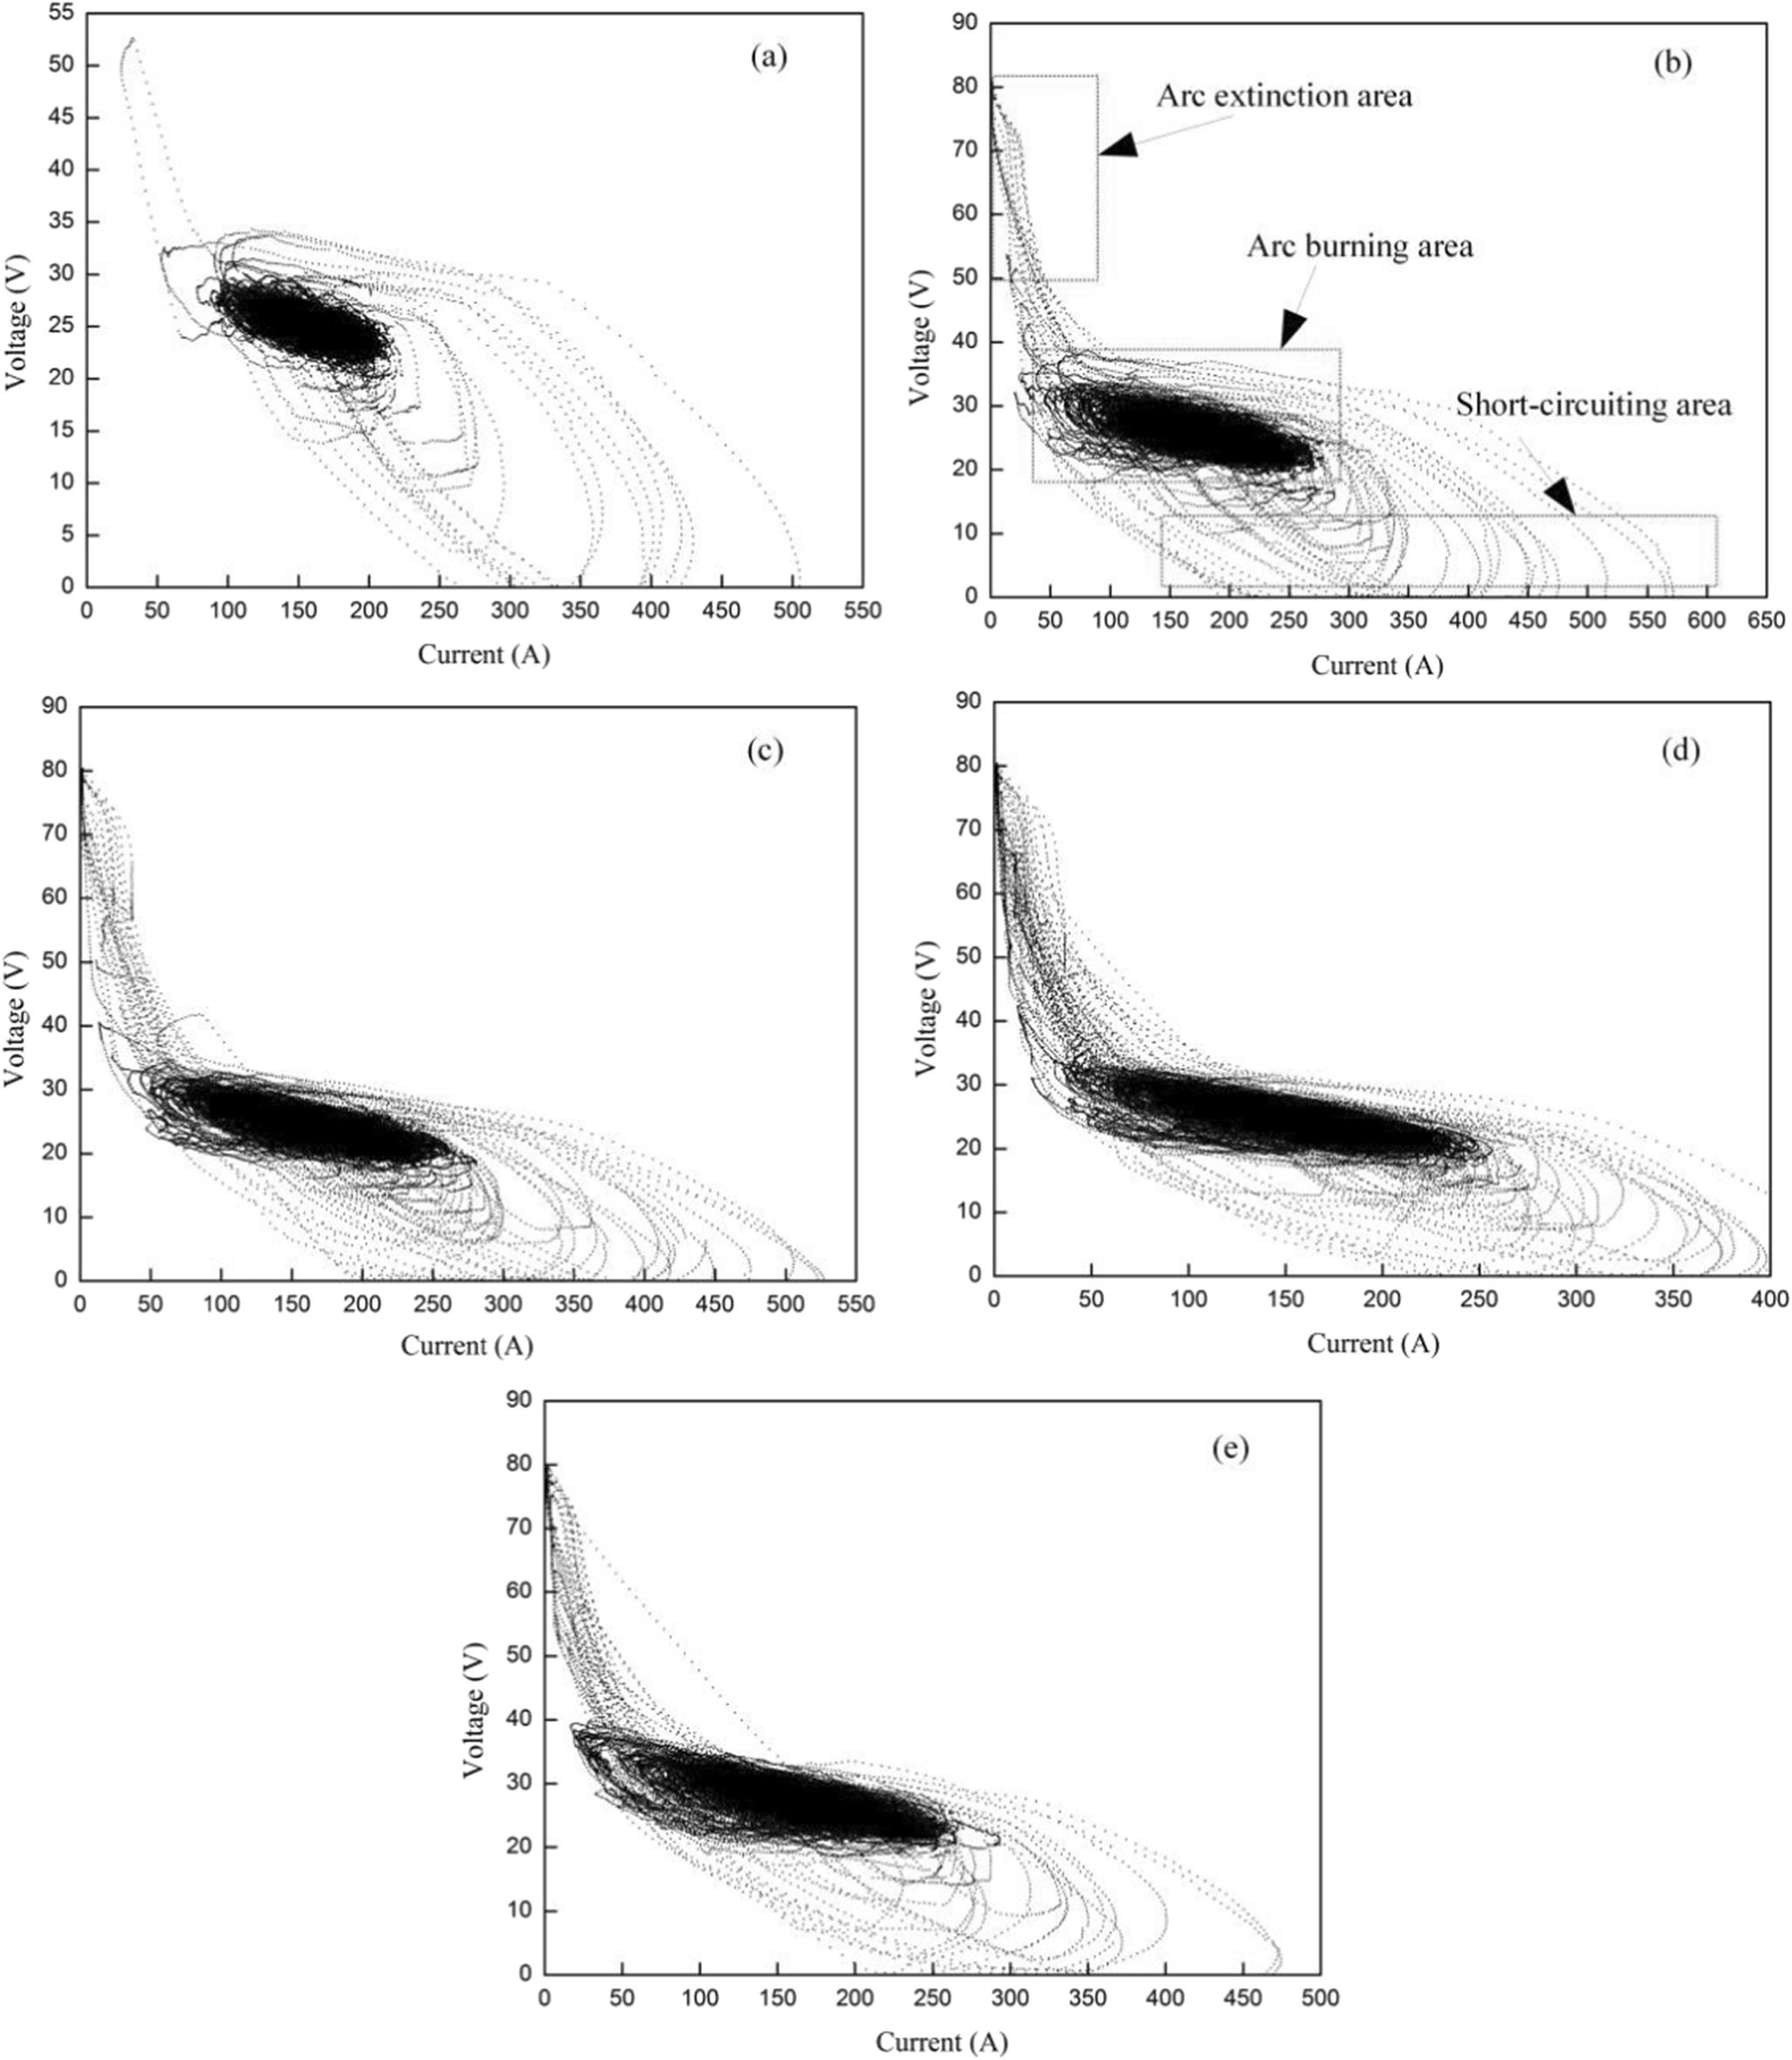 Influence Of Calcium Fluoride On Underwater Wet Welding Process Diagram Open Image In New Window